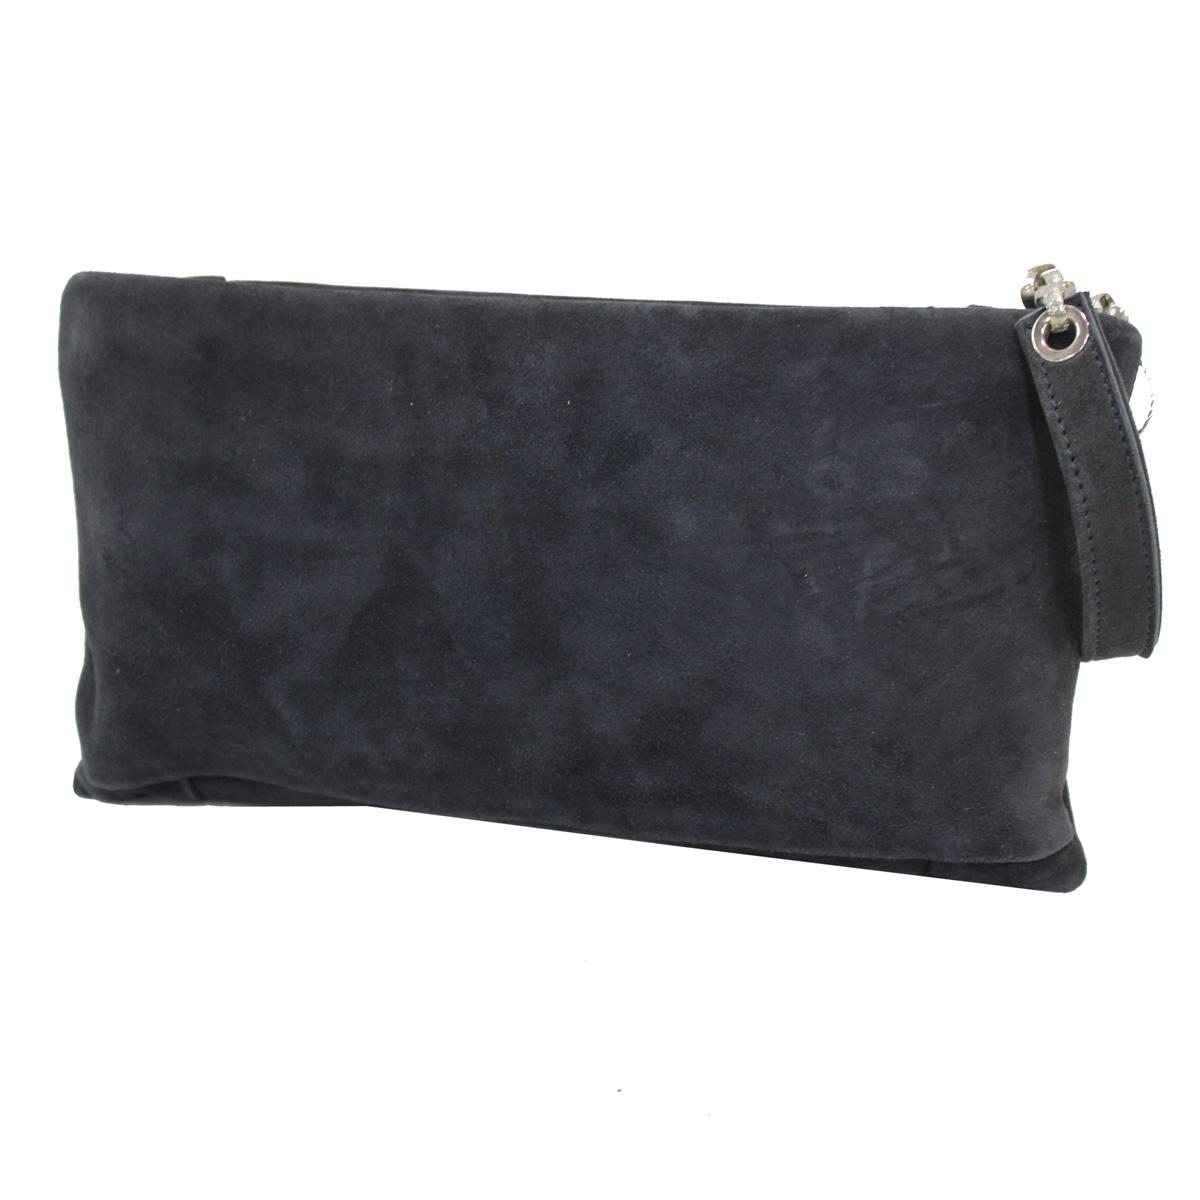 b2d2f40986 Borsetta donna borsa clutch a mano da sera cerimonia pelle Annaluna 188 blu